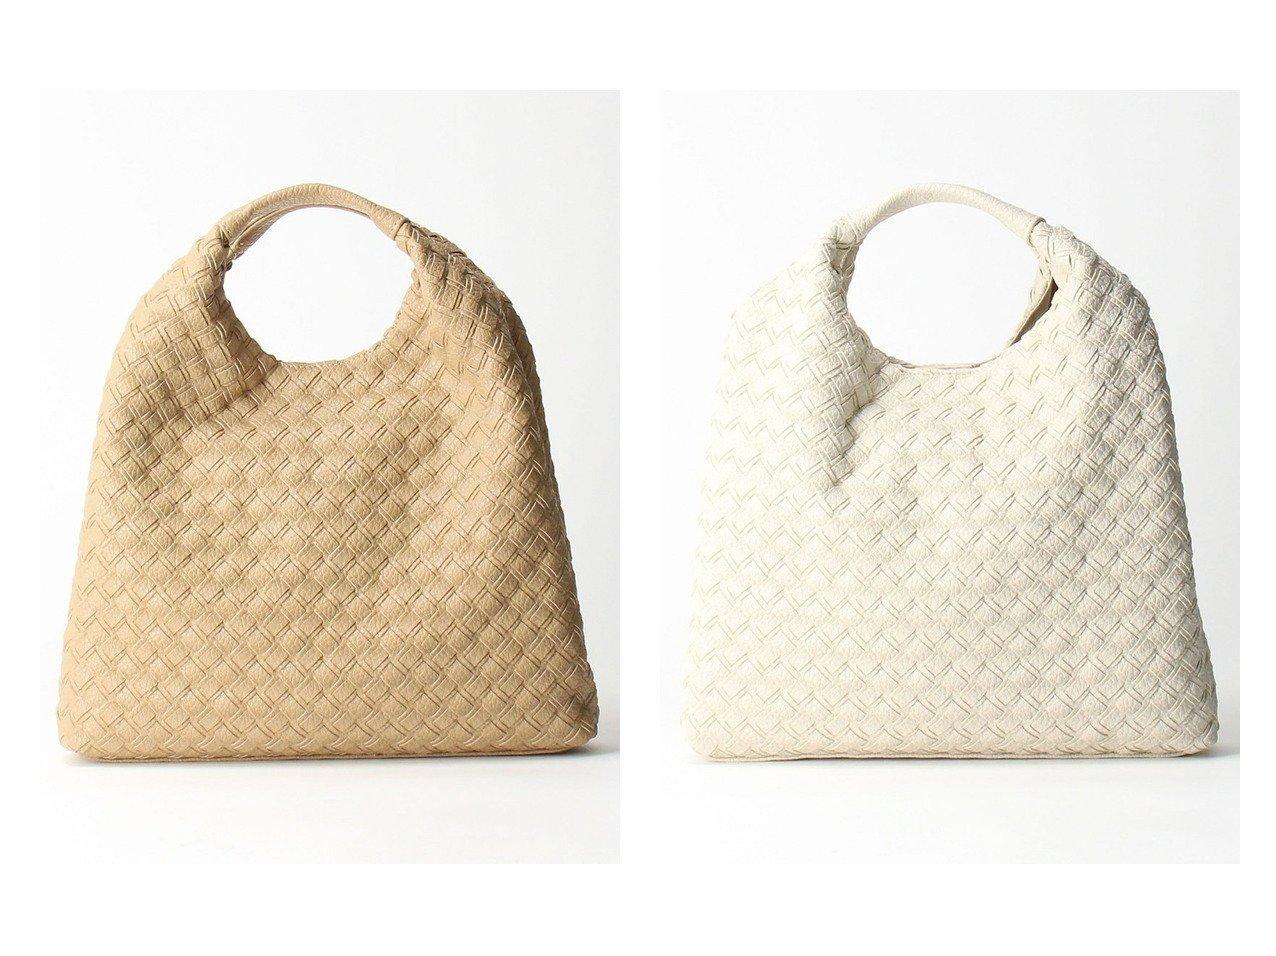 【BEAUTY&YOUTH / UNITED ARROWS/ビューティ&ユース ユナイテッドアローズ】のBY フェイクレザーソフトメッシュハンドバッグ -2WAY- 【バッグ・鞄】おすすめ!人気、トレンド・レディースファッションの通販 おすすめで人気の流行・トレンド、ファッションの通販商品 メンズファッション・キッズファッション・インテリア・家具・レディースファッション・服の通販 founy(ファニー) https://founy.com/ ファッション Fashion レディースファッション WOMEN おすすめ Recommend セパレート ハンドバッグ メッシュ  ID:crp329100000035515